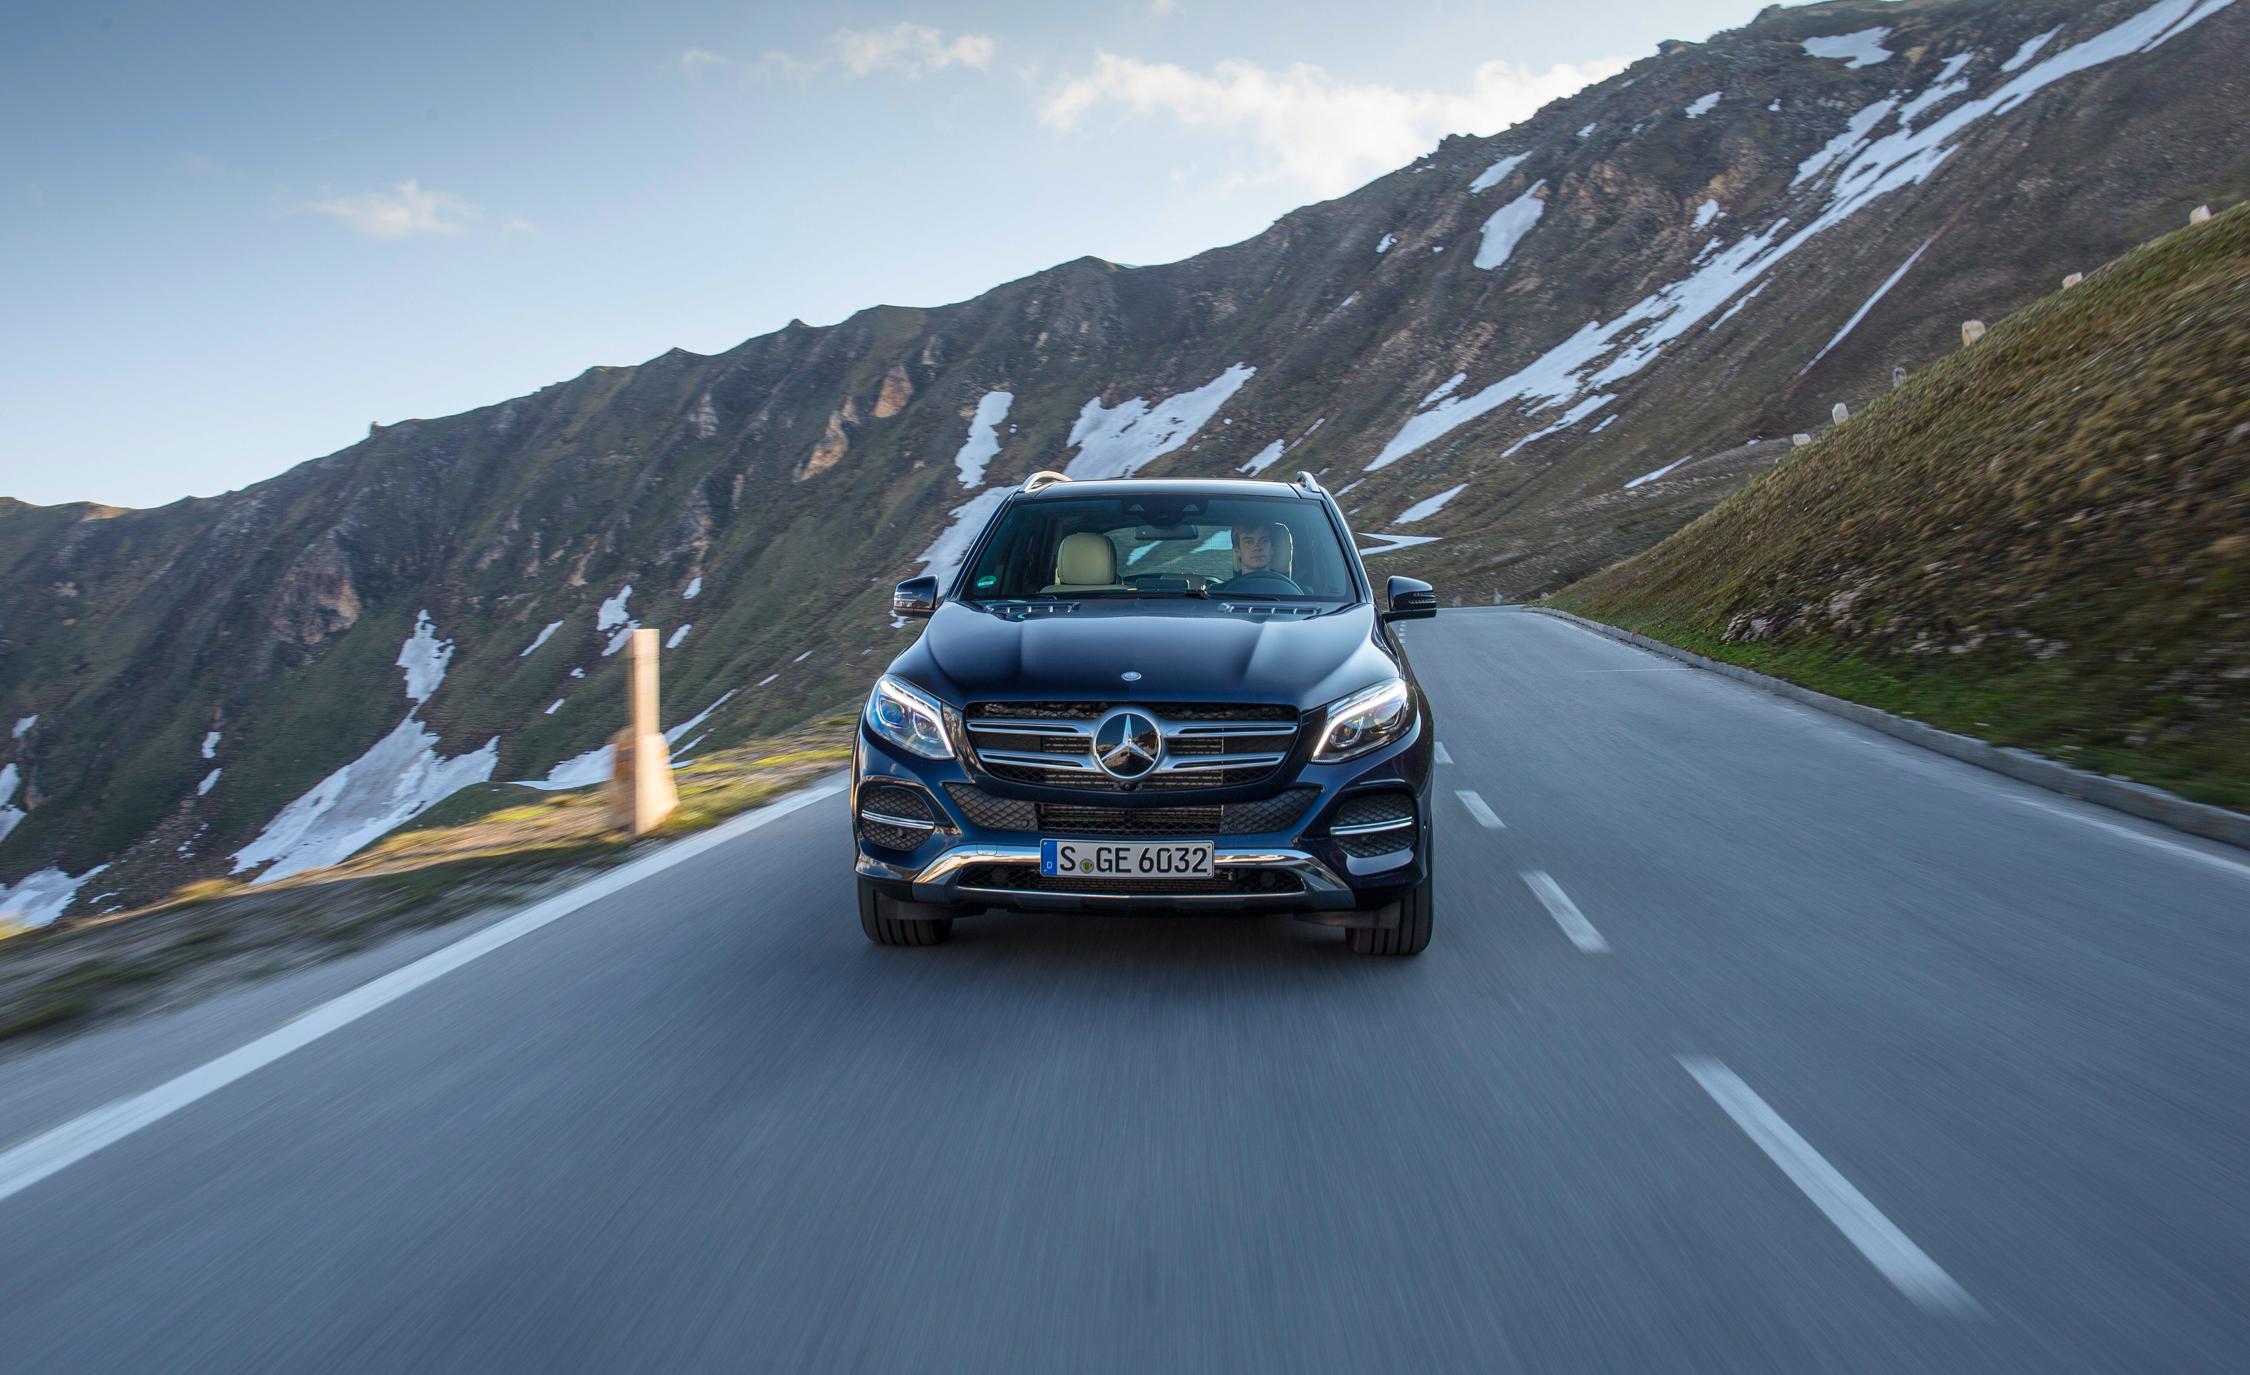 2016 Mercedes-Benz GLE250d 4MATIC Exterior Front